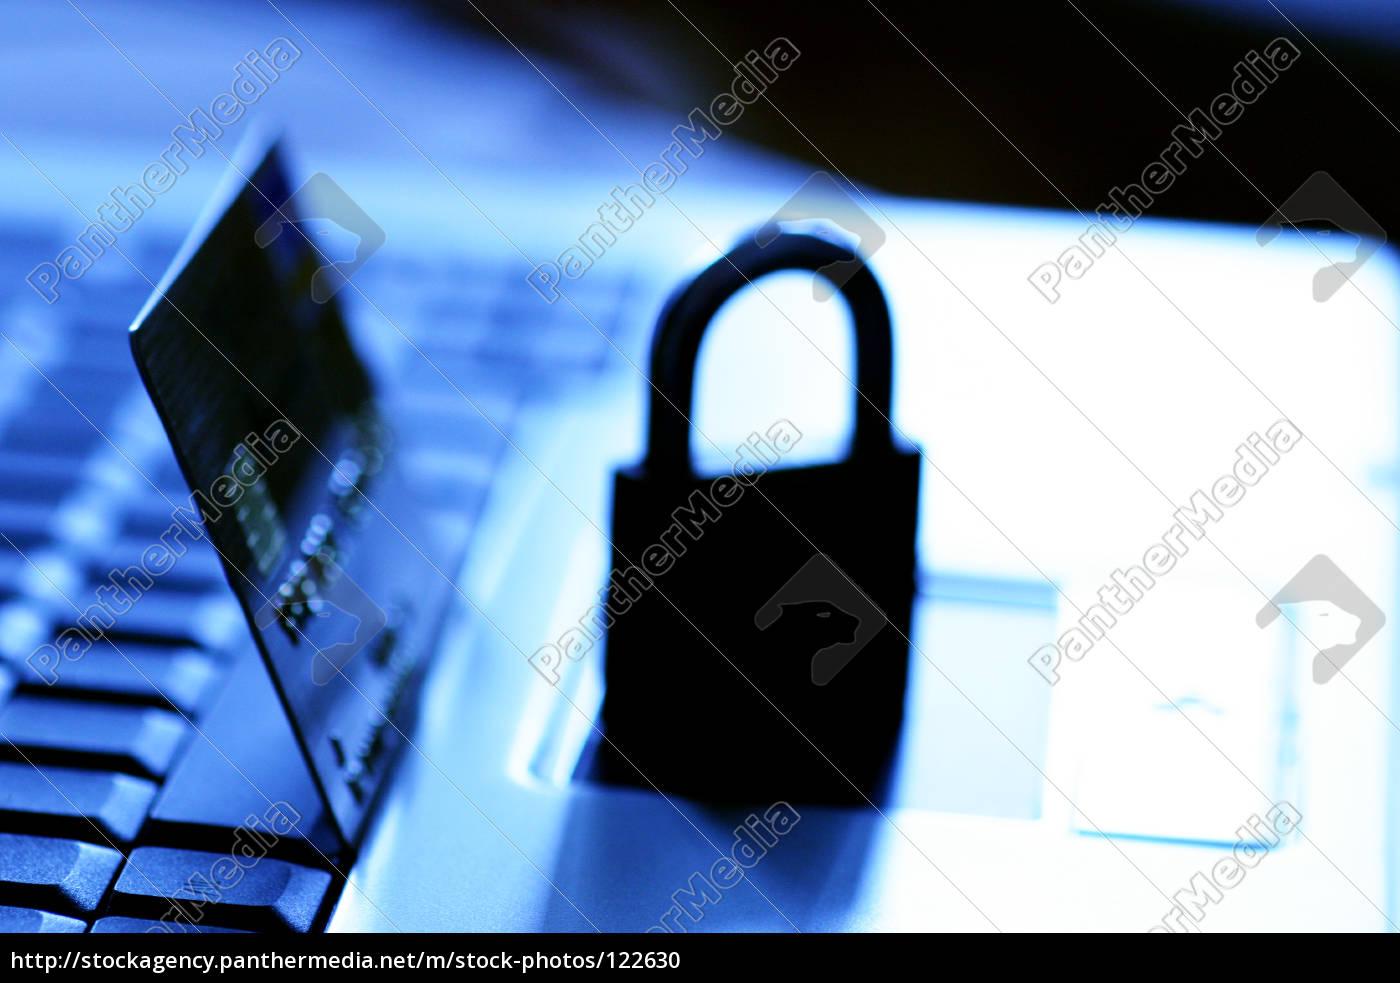 secure, laptop - 122630